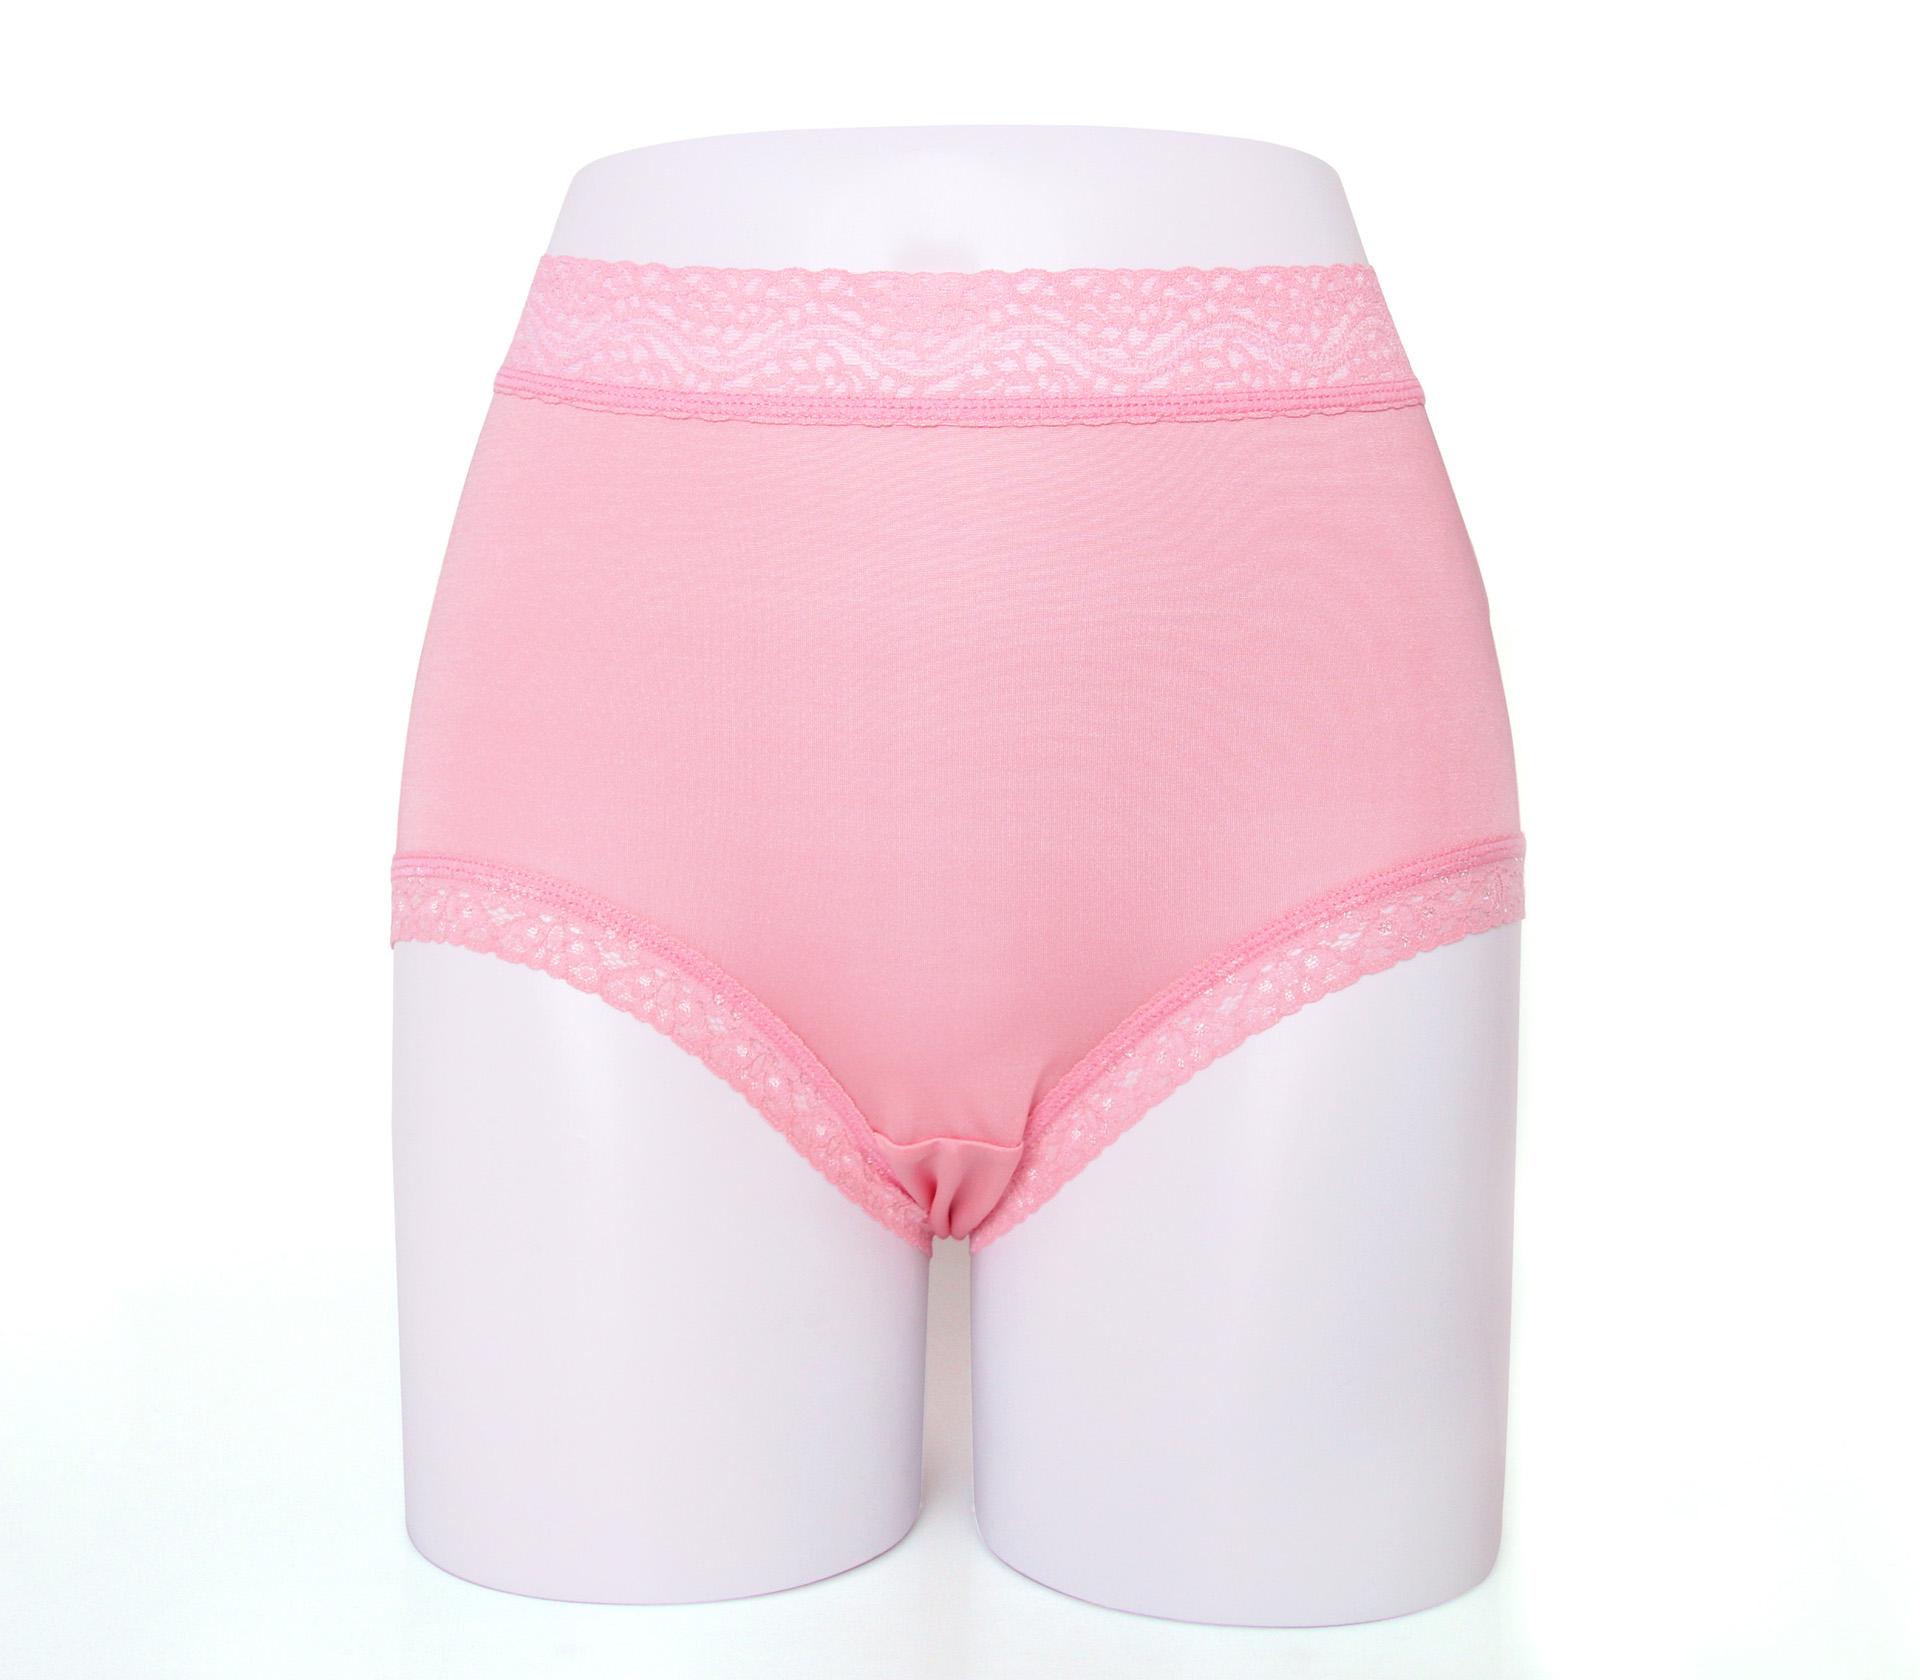 闕蘭絹親膚舒適包覆頂級40針100%蠶絲內褲-88798(粉)